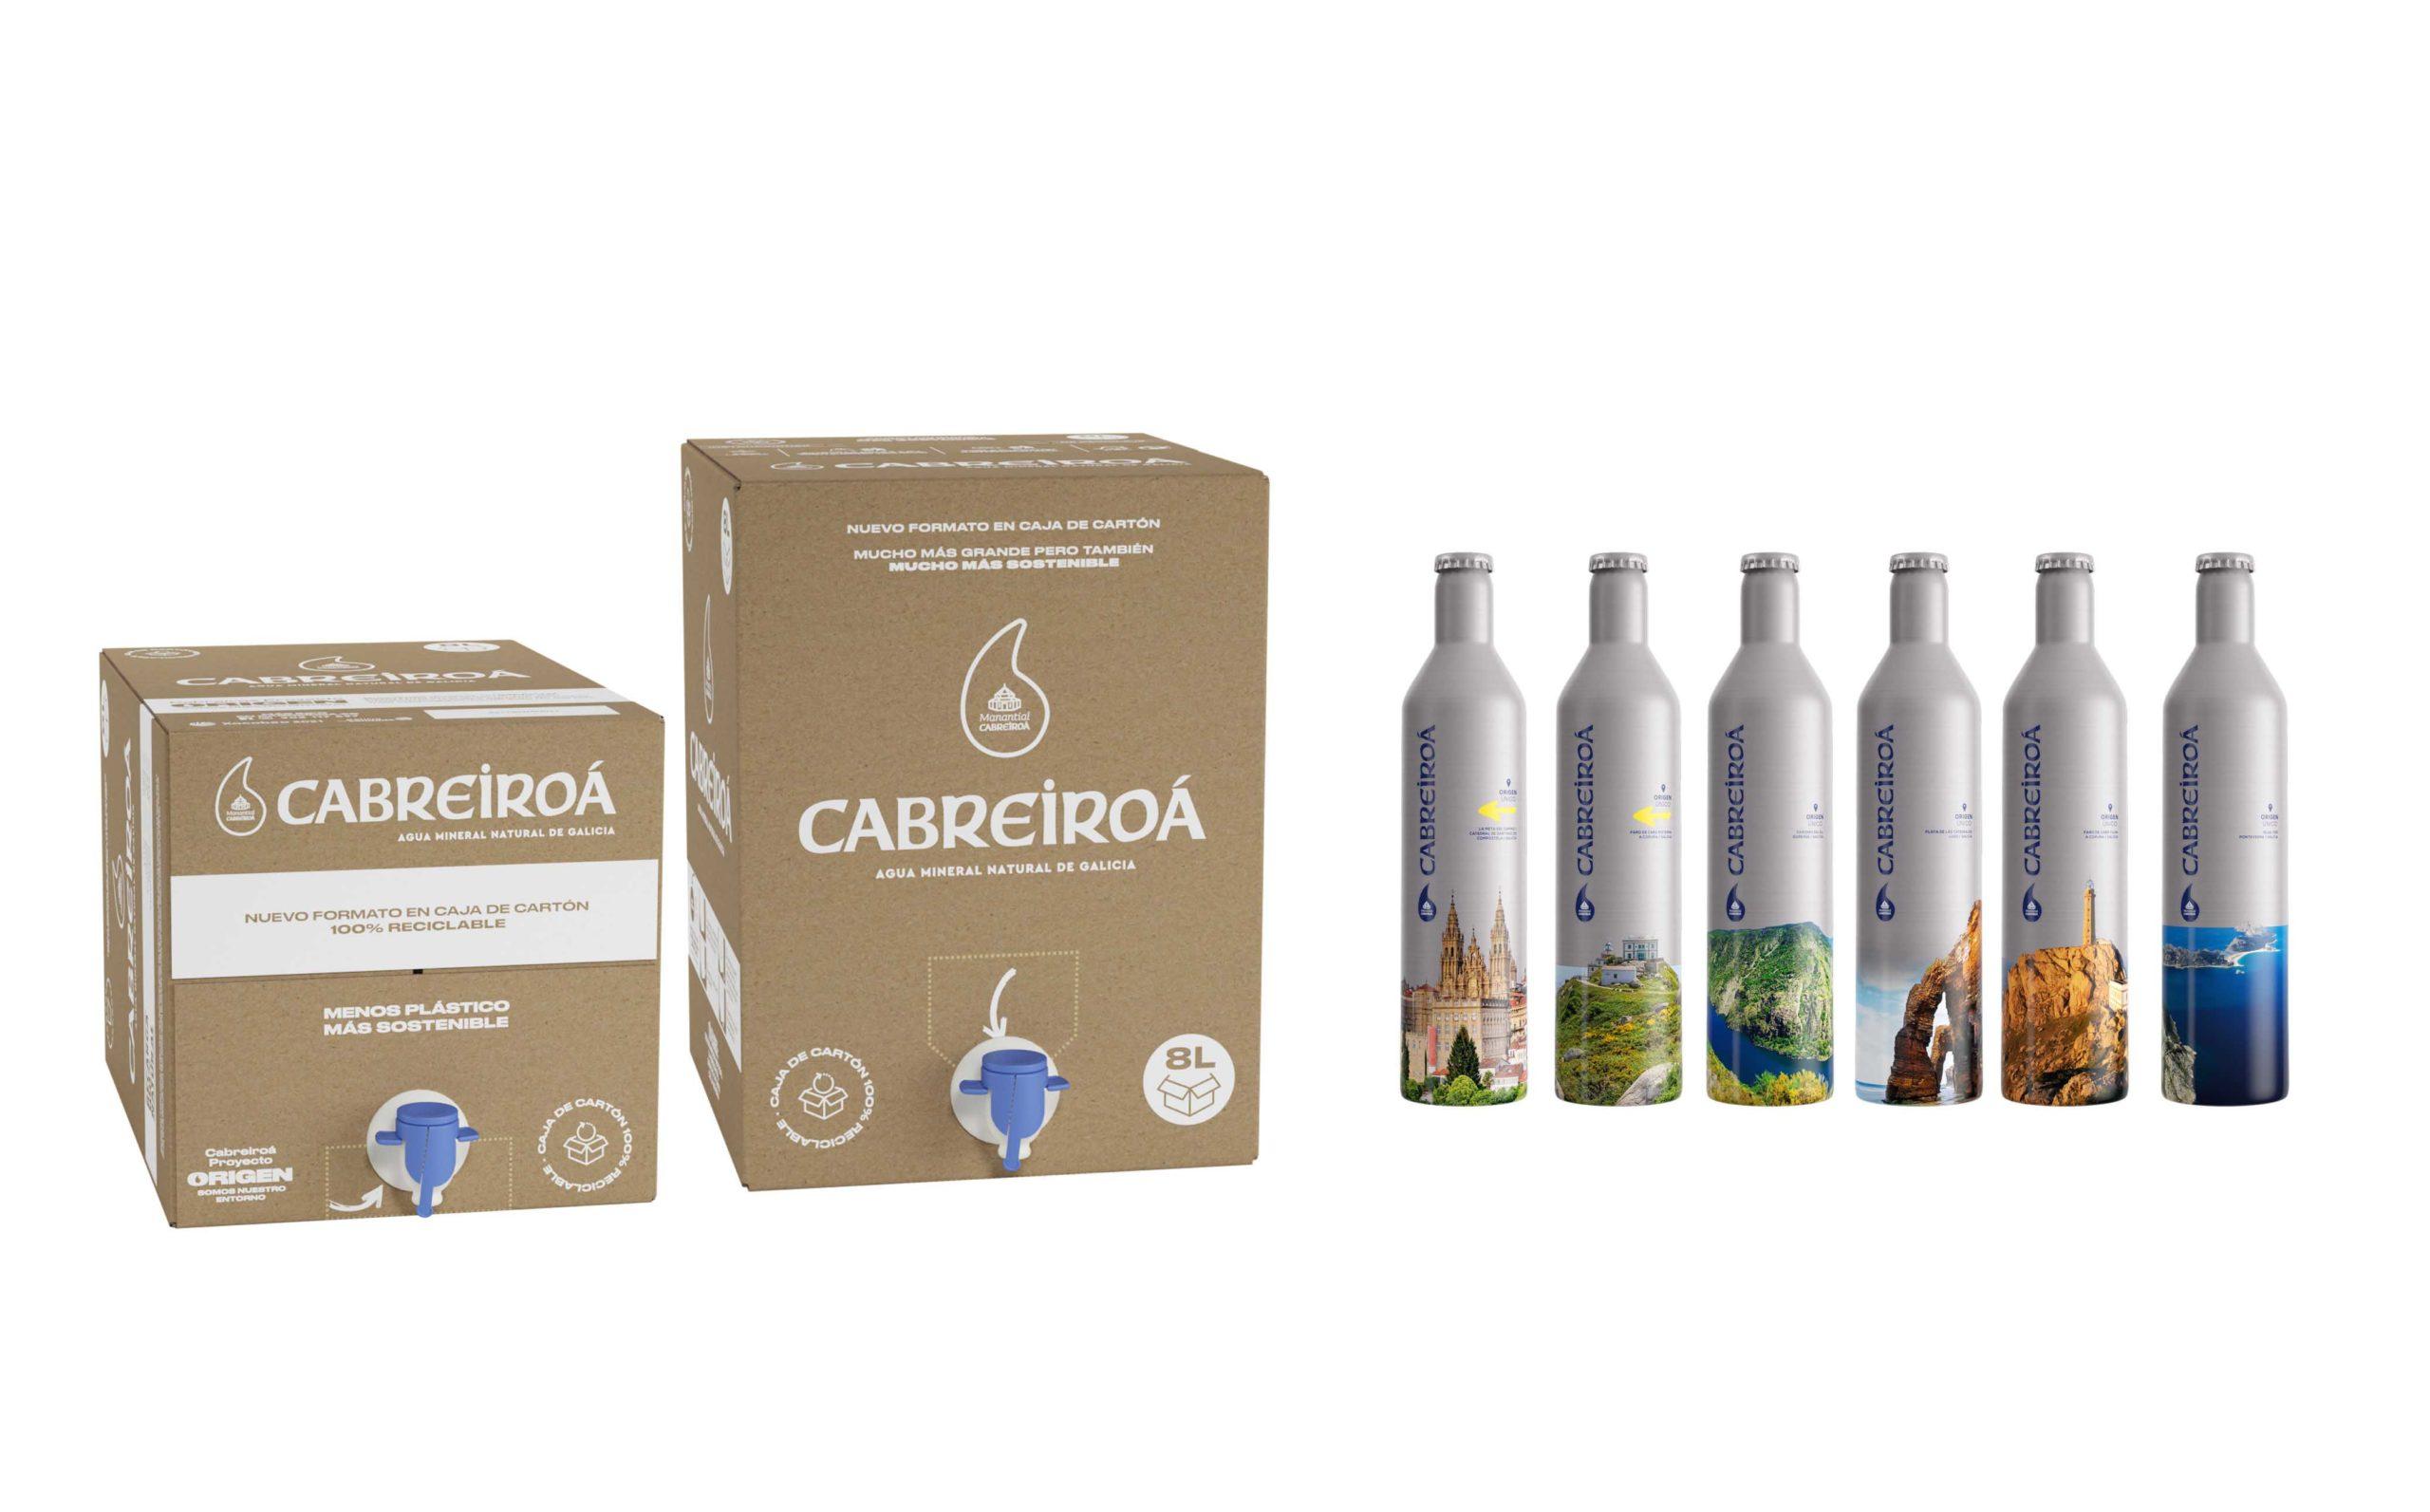 Cabreiroá presenta sus nuevos envases más sostenibles